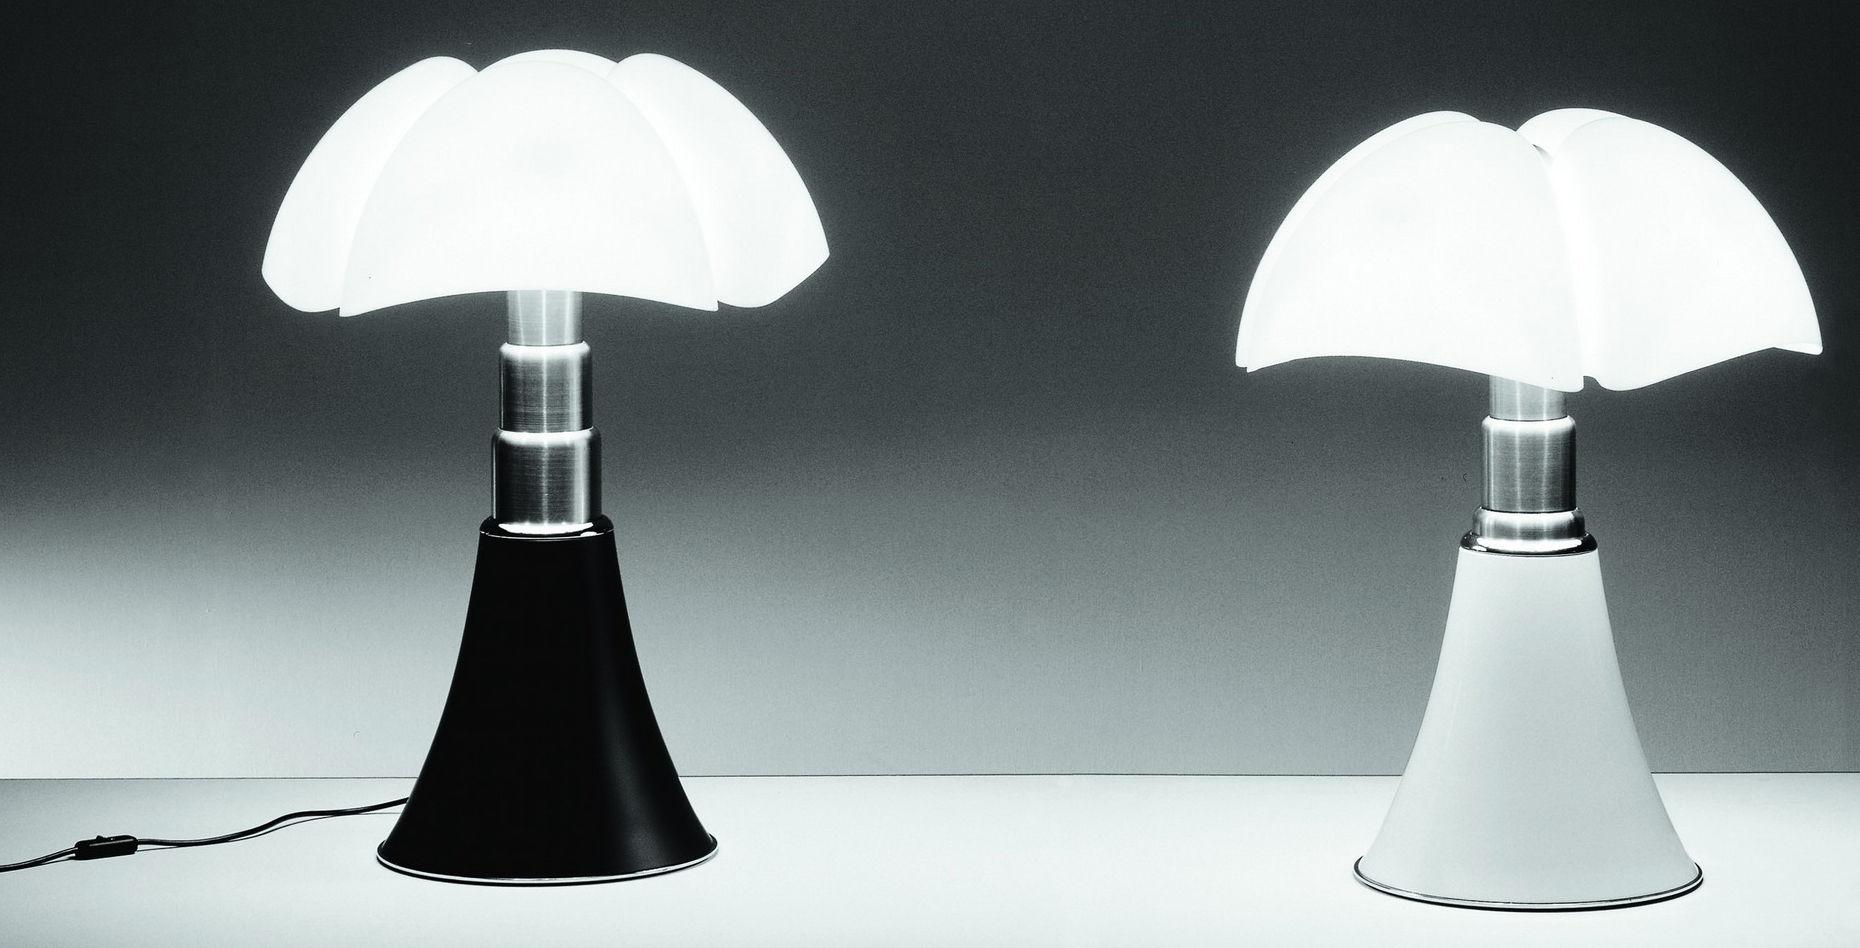 Lampe De Table Pipistrello H 66 A 86 Cm Marron Fonce Abat Jour